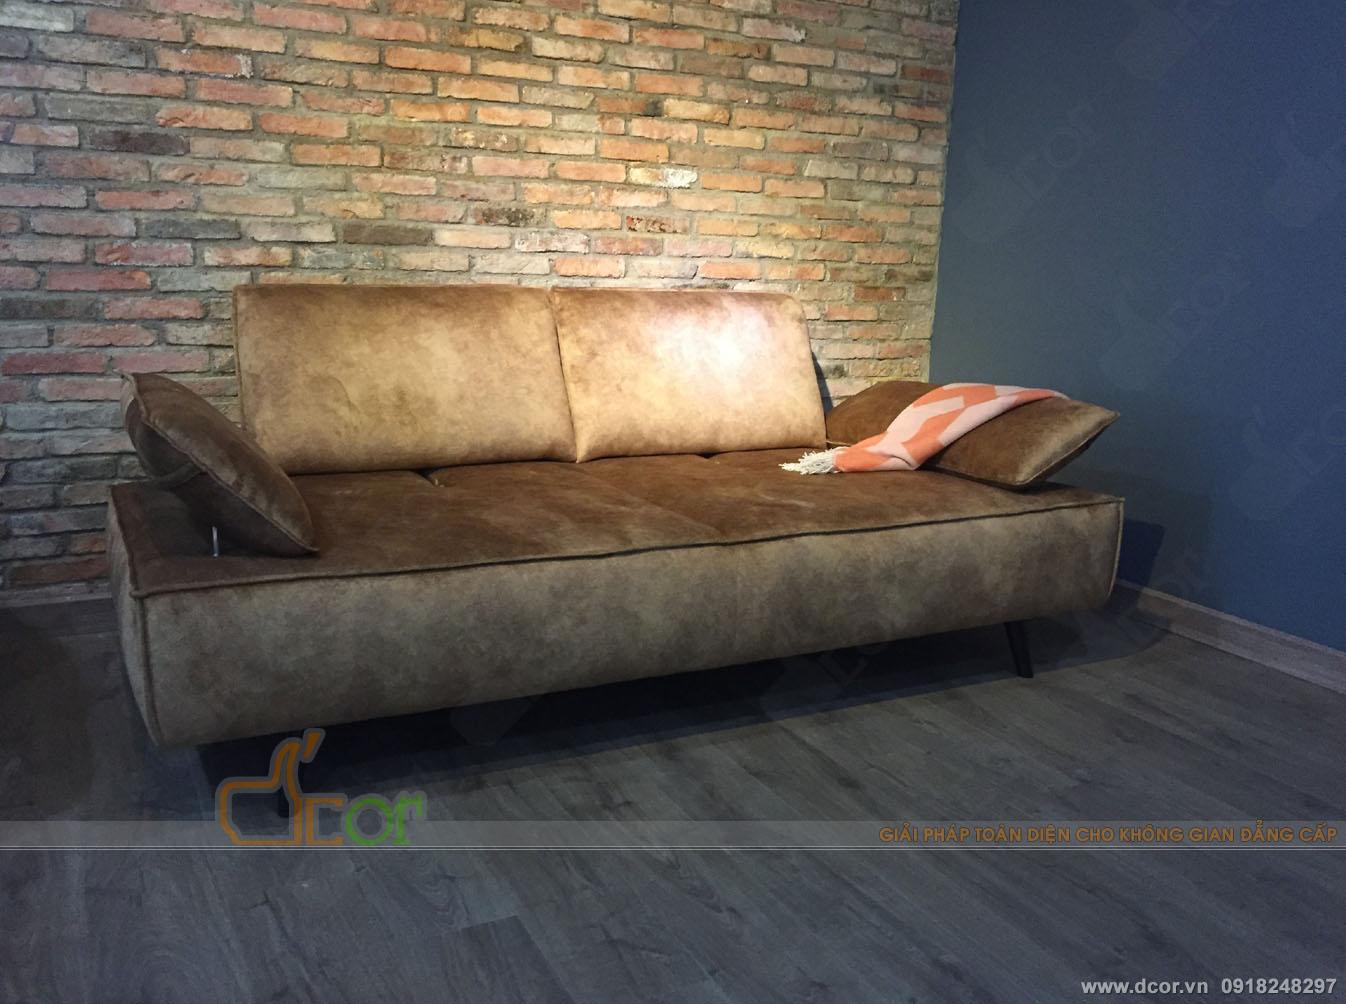 12 mẫu sofa văng nỉ giá rẻ Hà Nội hot nhất 2018-09